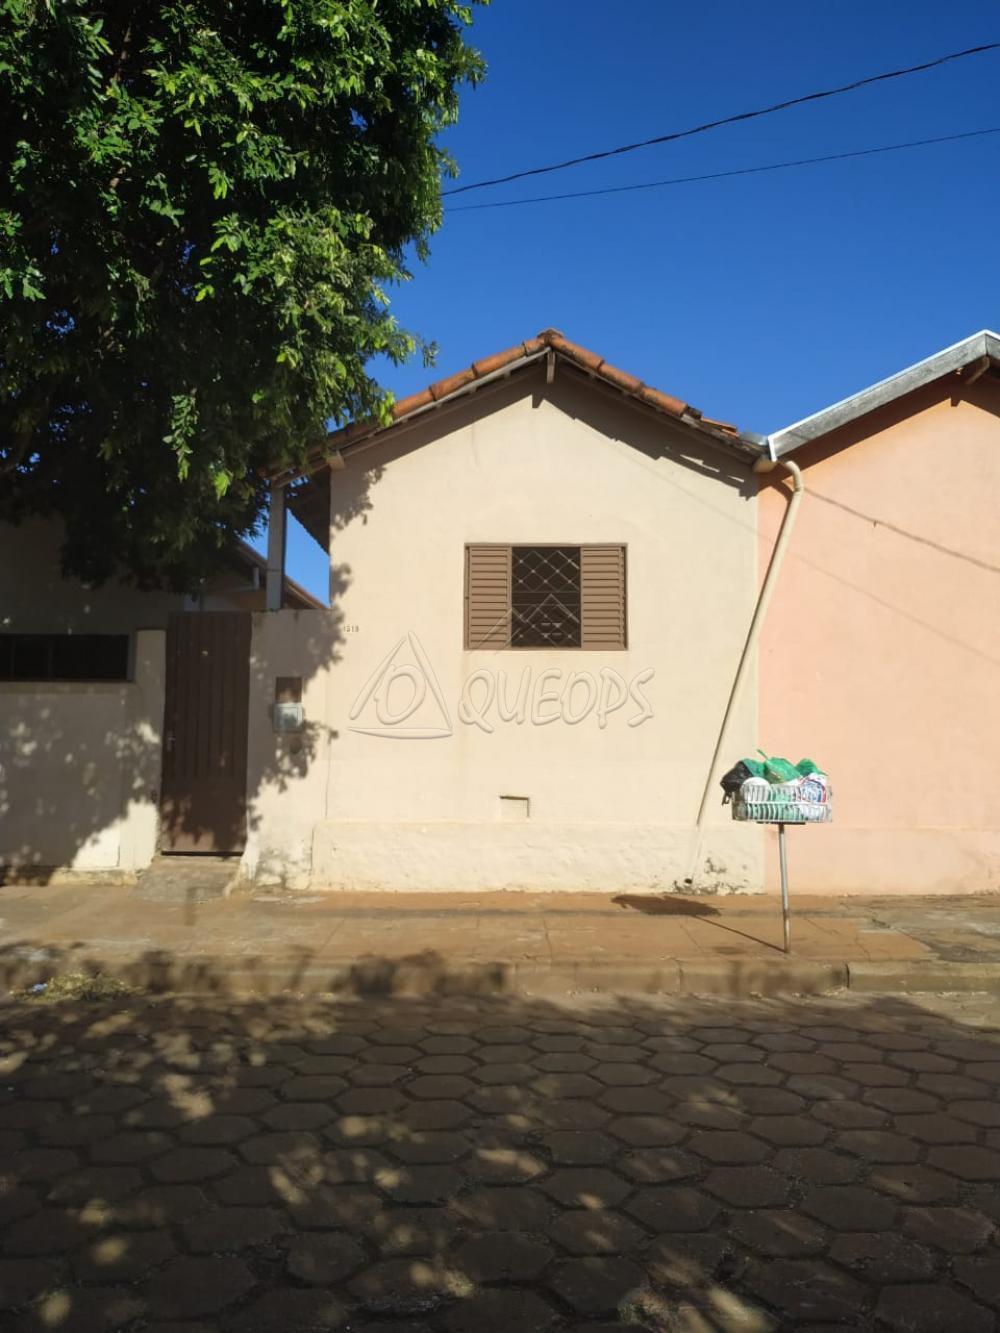 Comprar Casa / Padrão em Barretos apenas R$ 180.000,00 - Foto 2